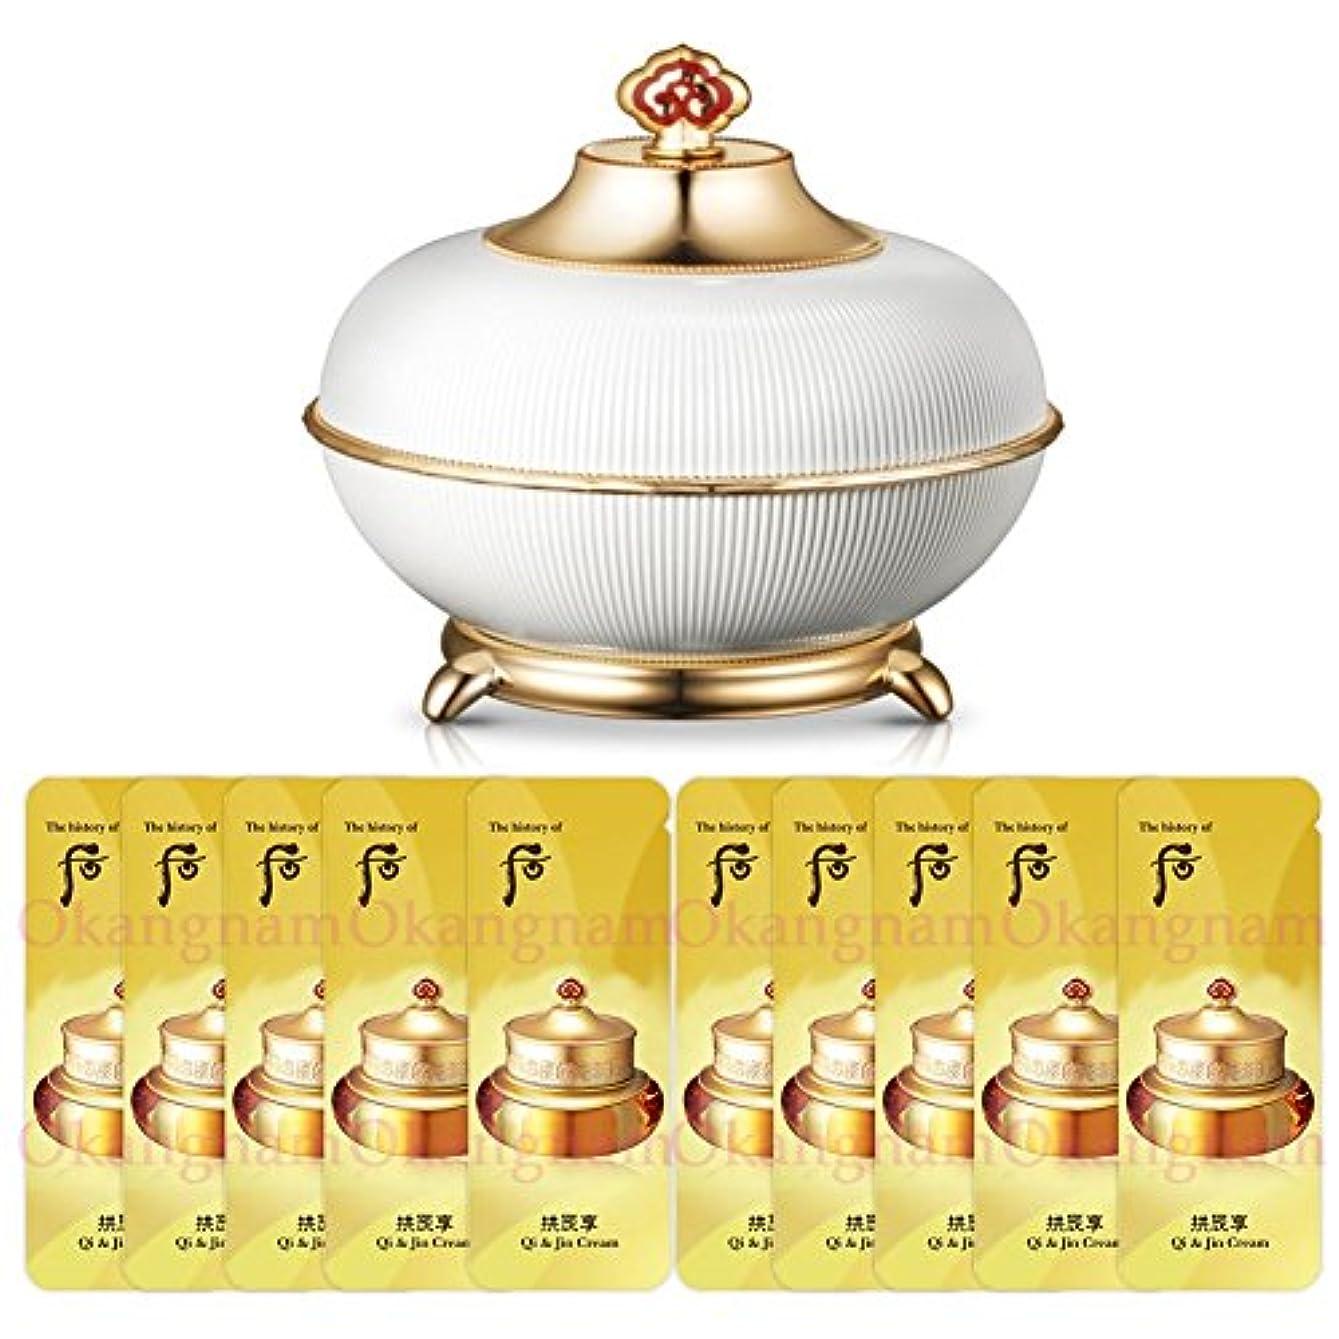 牧師見積りダーベビルのテス【フー/The history of whoo] Whoo 后 MOH02 Secret Court Cream/后(フー) ミョンイヒャン ビダンゴ 50ml + [Sample Gift](海外直送品)